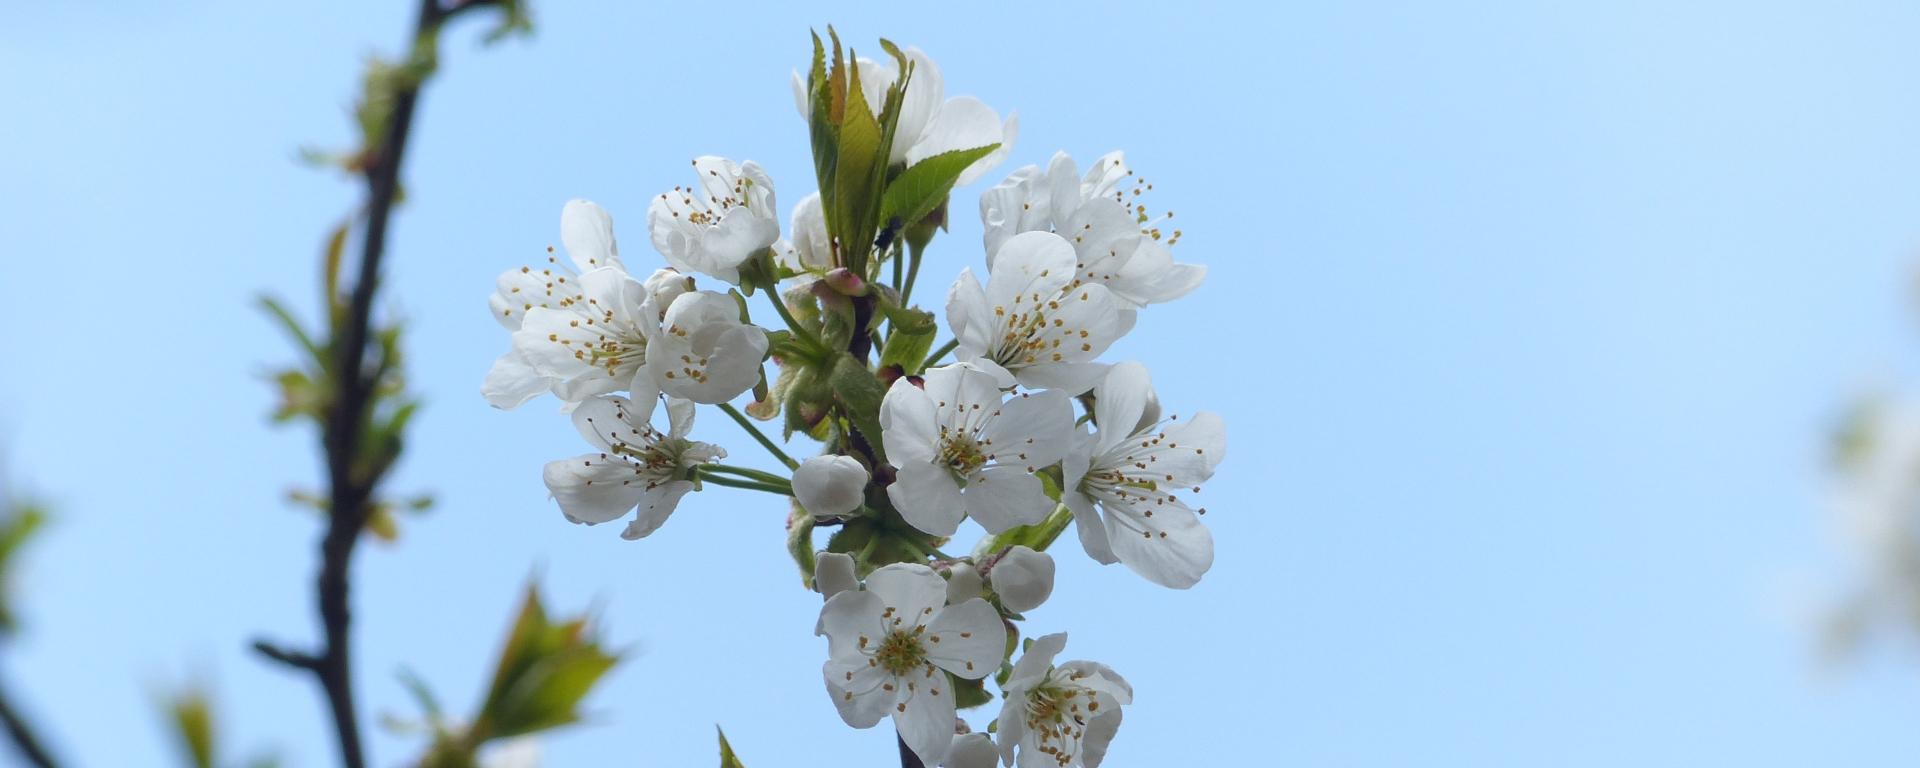 Frühling - perfekte Jahreszeit für Pfadfinderei